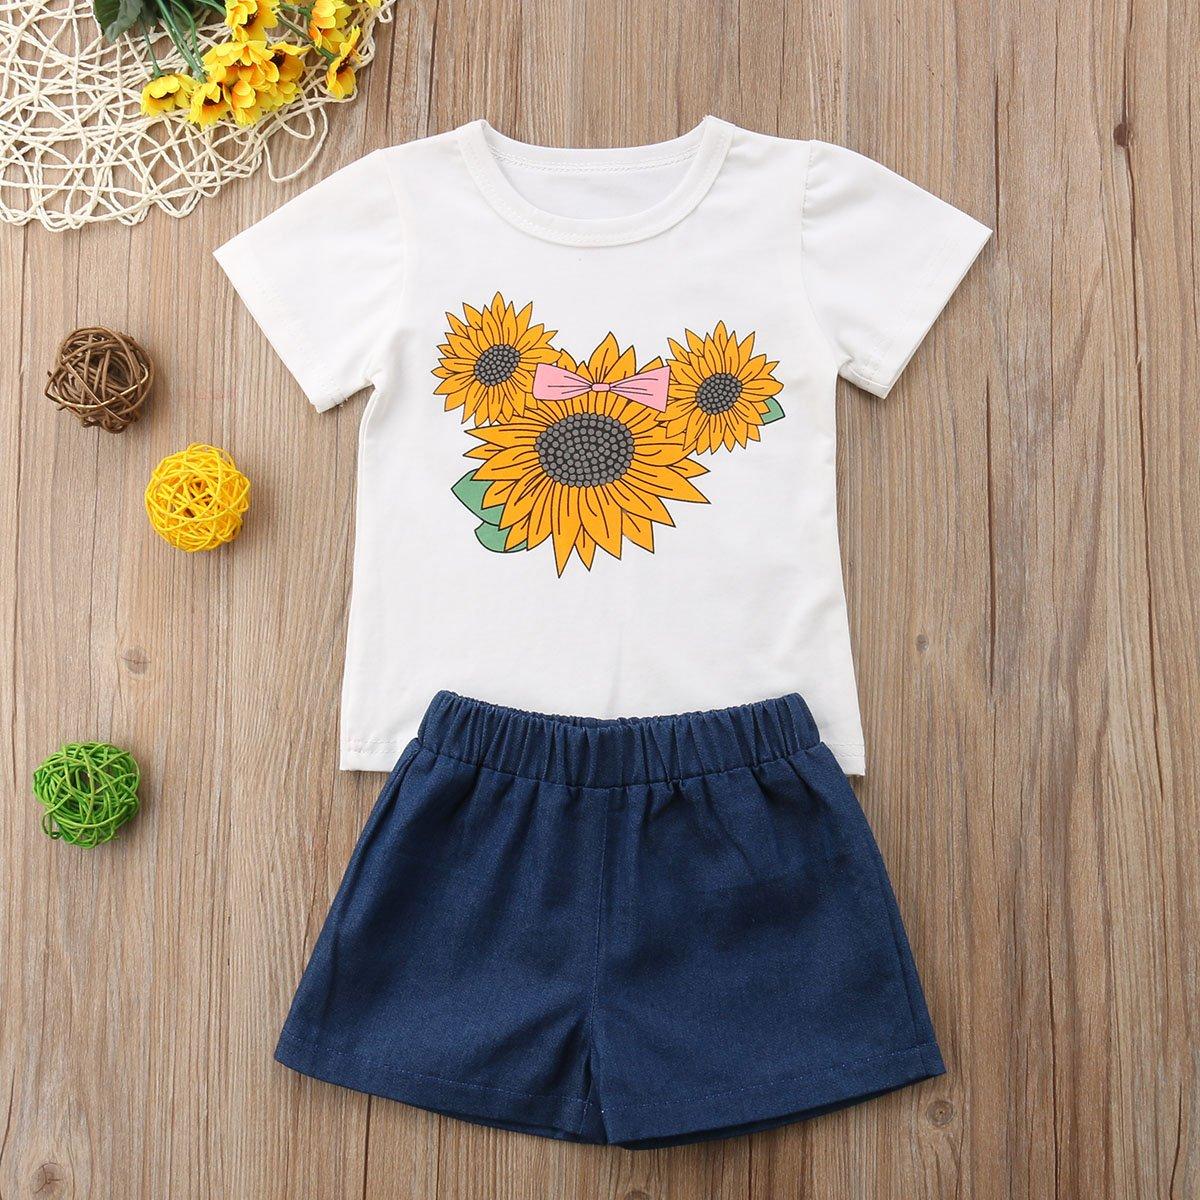 Little Girls 2-Piece Set Sunflower T-Shirt and Pants Children Clothing Summer